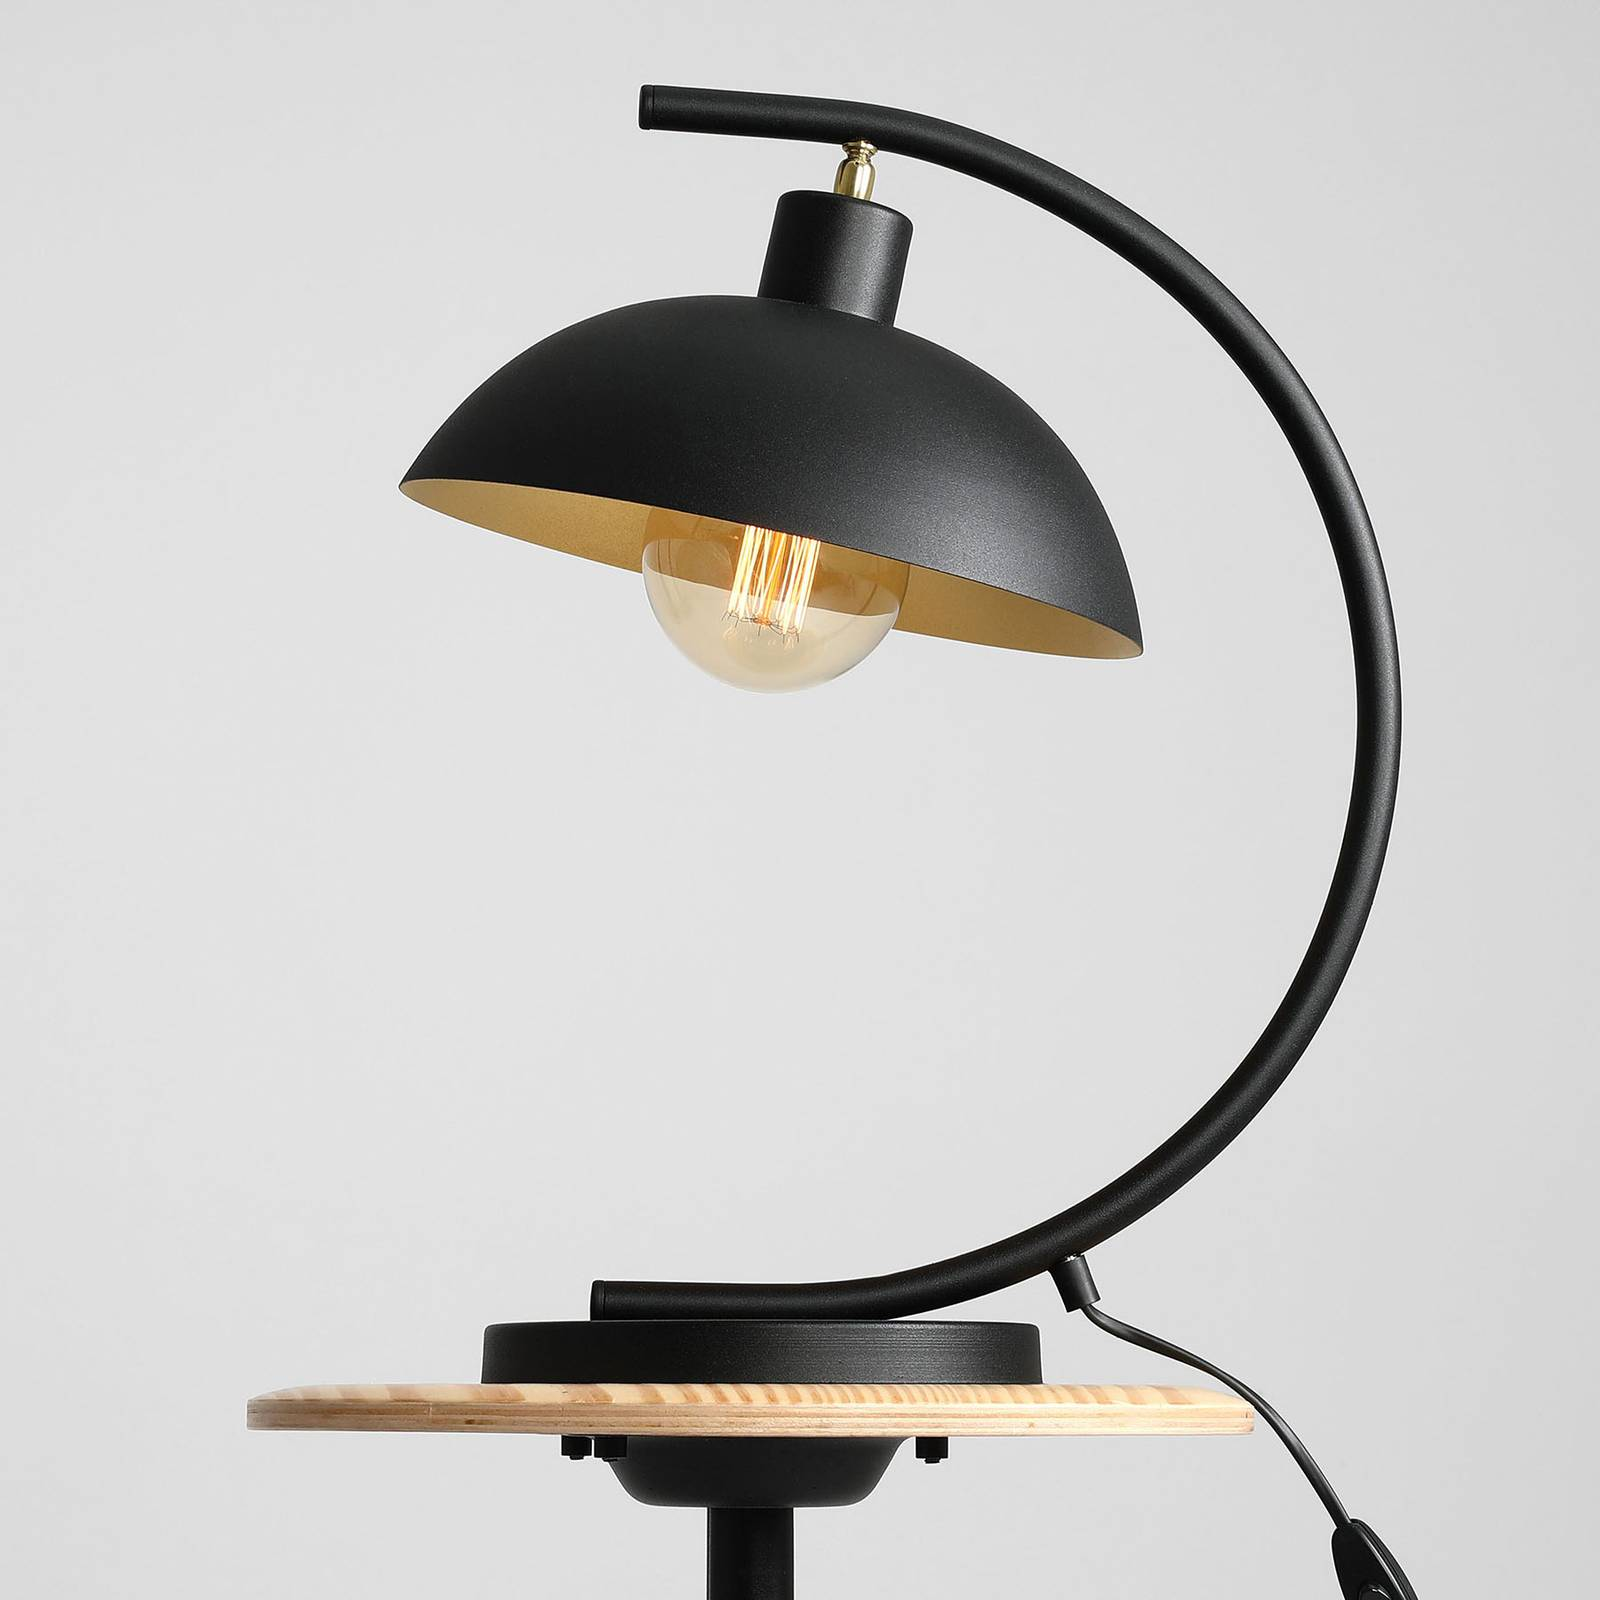 Bilde av 1036 Bordlampe, 1 Lyskilde, Svart-gull